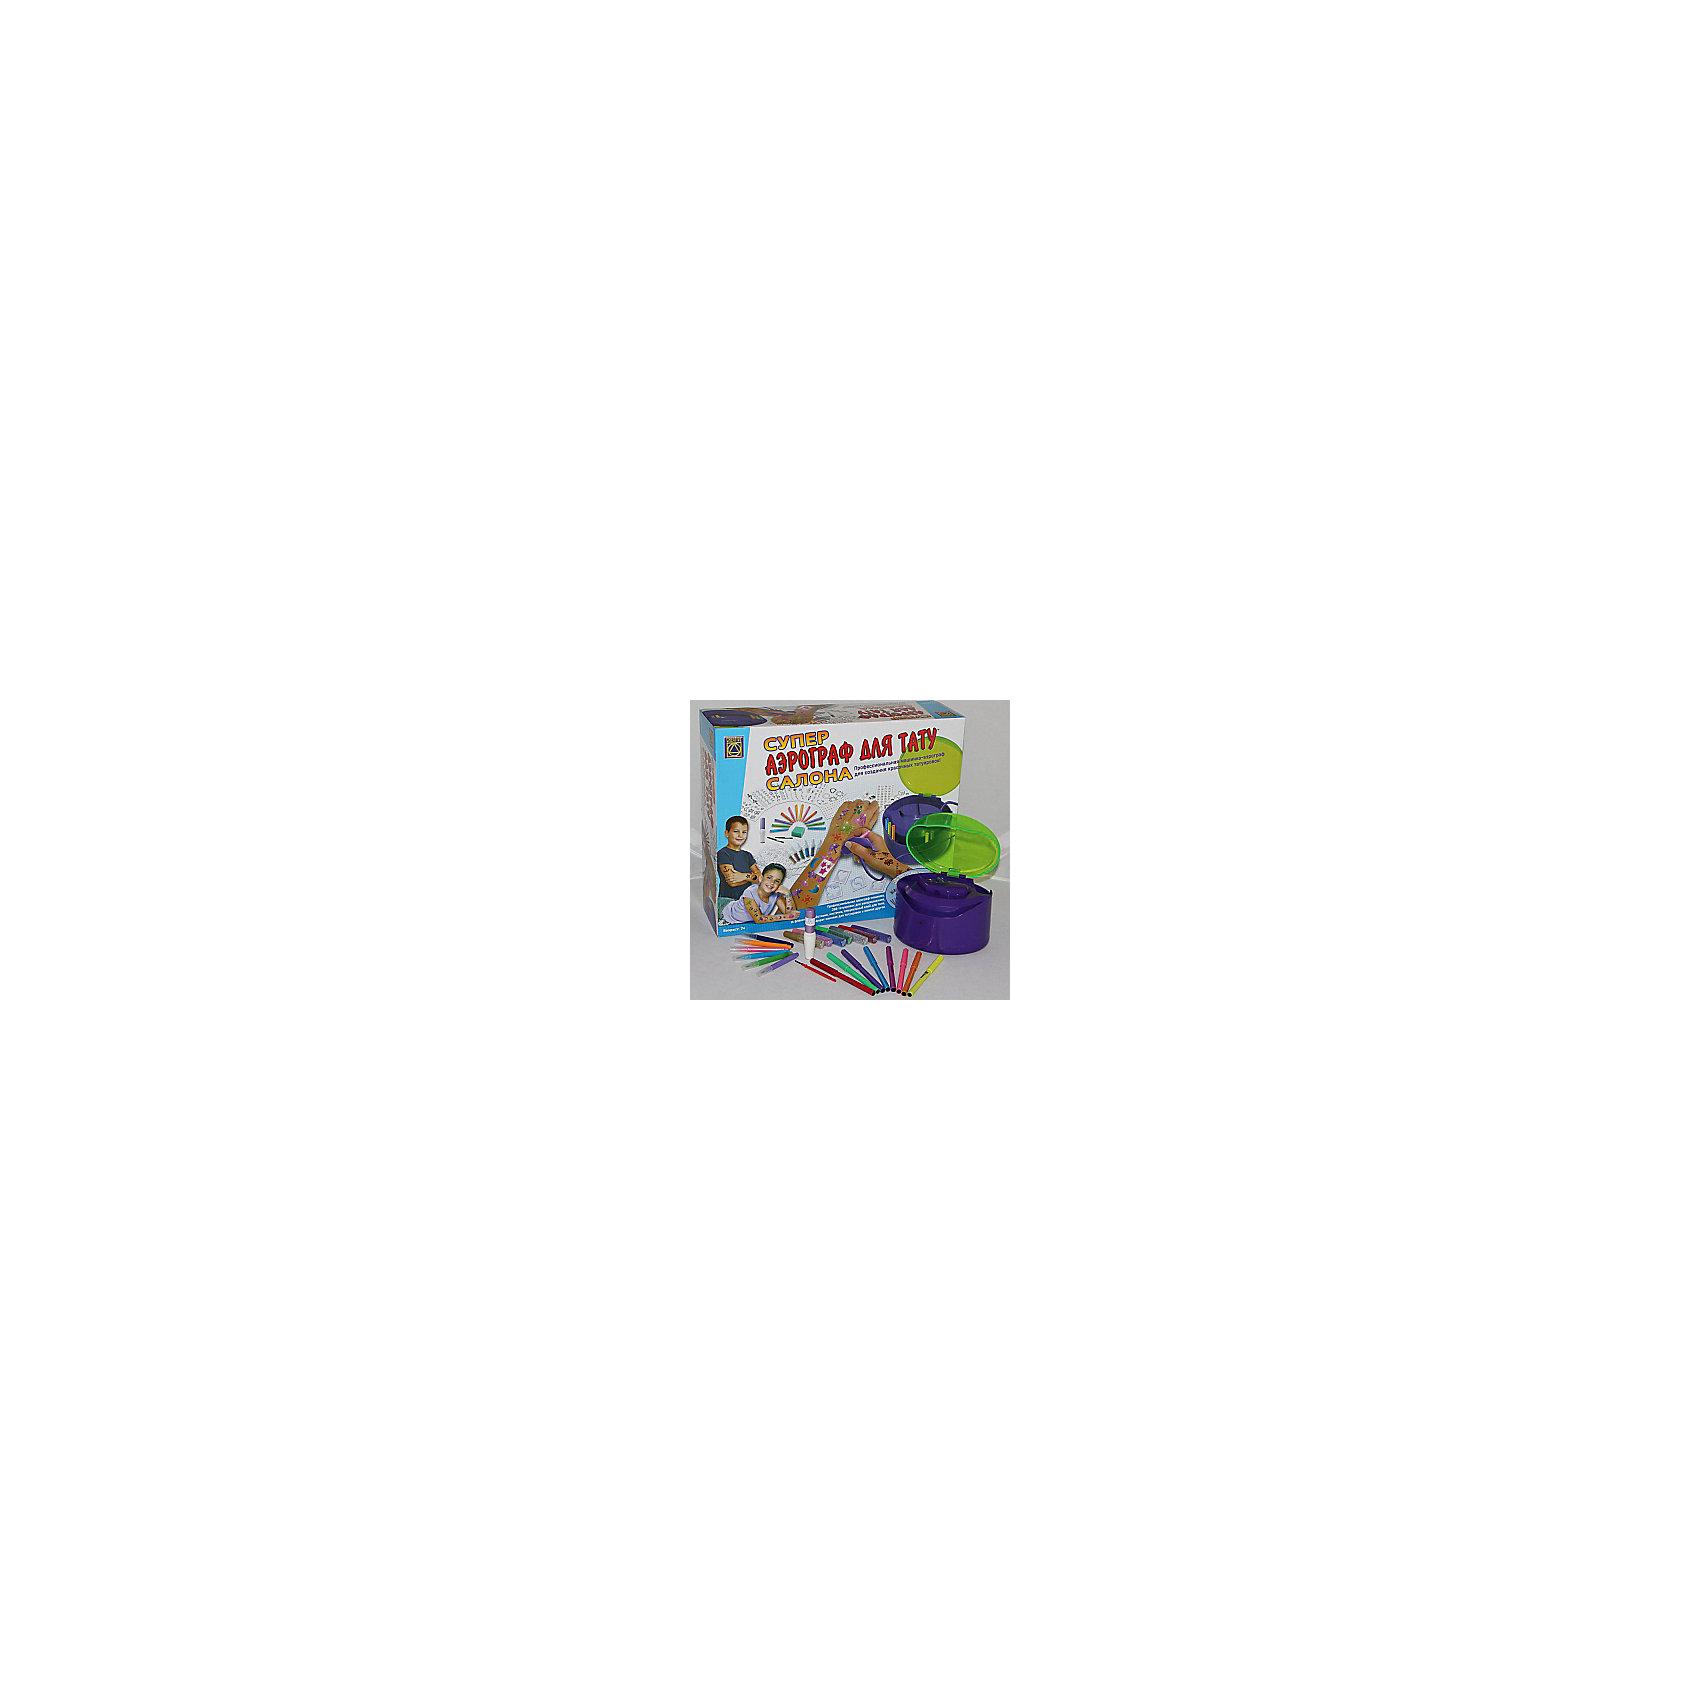 Супер аэрограф для тату салона, CreativeКосметика, грим и парфюмерия<br>Супер аэрограф для тату салона, Creative - этонабор для творчества, с помощью которого, распыляя специальные краски, можно сделать различные рисунки. С помощью этого набора ребенок почувствует себя настоящим мастером тату-салона. Игра способствует развитию у ребенка творческих способностей.<br><br>Дополнительная информация:<br><br>В комплекте:<br>- пластиковый аэрограф (корпус, крышка, ручка включения с отверстием распыления);<br>- 12 специальных маркеров для распыления краски;<br>- 8 маркеров для татуировки;<br>- 260 рисунков для татуировок на 10 листах;<br>набор блесток из 14 тюбиков в семи различных цветах с двумя кисточками;<br>- клей для тела - 2 флакона;<br>- 160 наклеек различной конфигурации на 8 листах;<br>- губка;<br>- инструкция.<br>- Для работы необходимы батарейки: 4 шт. типа С - 1,5 V (не входят в комплект).<br>- Материал: пластик, бумага, ПВХ.<br>- Длина большого маркера: 13 см.<br>- Длина меньшего маркера: 9 см.<br>- Объем тюбика с клеем: 10 мл.<br>- Размер машинки: 15х13x10 см.<br>- Размер упаковки: 40,5х34x12 см.<br>- Вес: 1300 гр.<br><br>Супер аэрограф для тату салона, Creative можно купить в нашем магазине.<br><br>Ширина мм: 404<br>Глубина мм: 342<br>Высота мм: 119<br>Вес г: 500<br>Возраст от месяцев: 72<br>Возраст до месяцев: 180<br>Пол: Женский<br>Возраст: Детский<br>SKU: 2568351